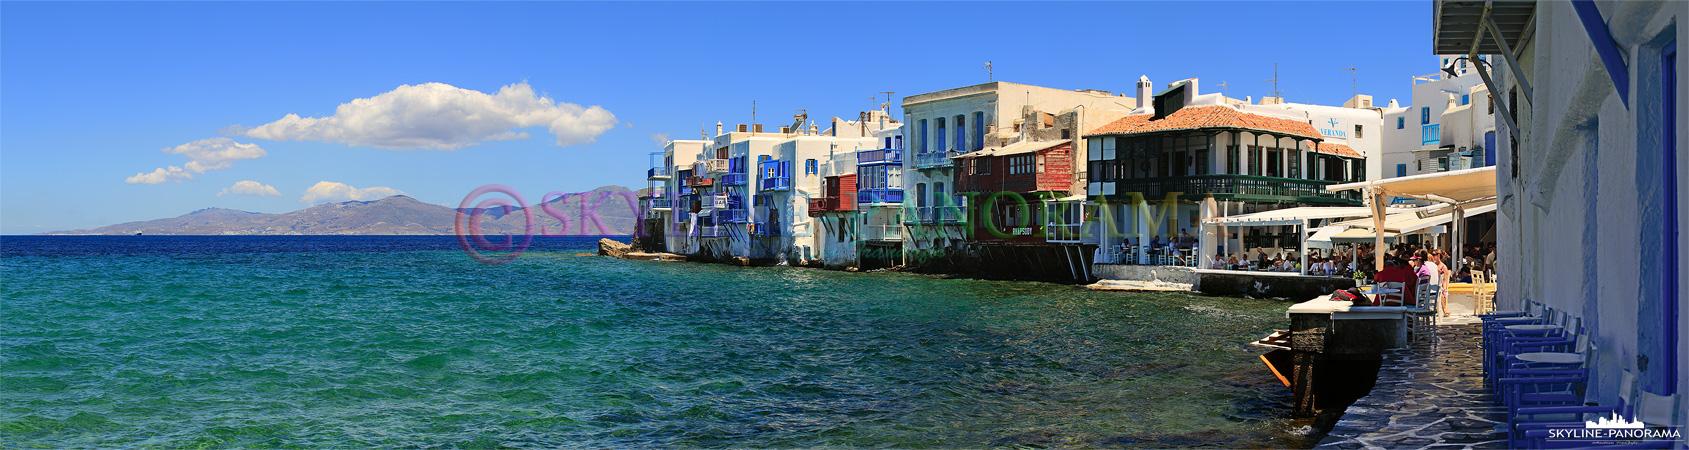 Das als Klein Venedig bekannte Stadtviertel liegt am Rand der Chora; die direkt am Wasser gelegenen Häuser mit den erinnern an die italienische Lagunenstad.